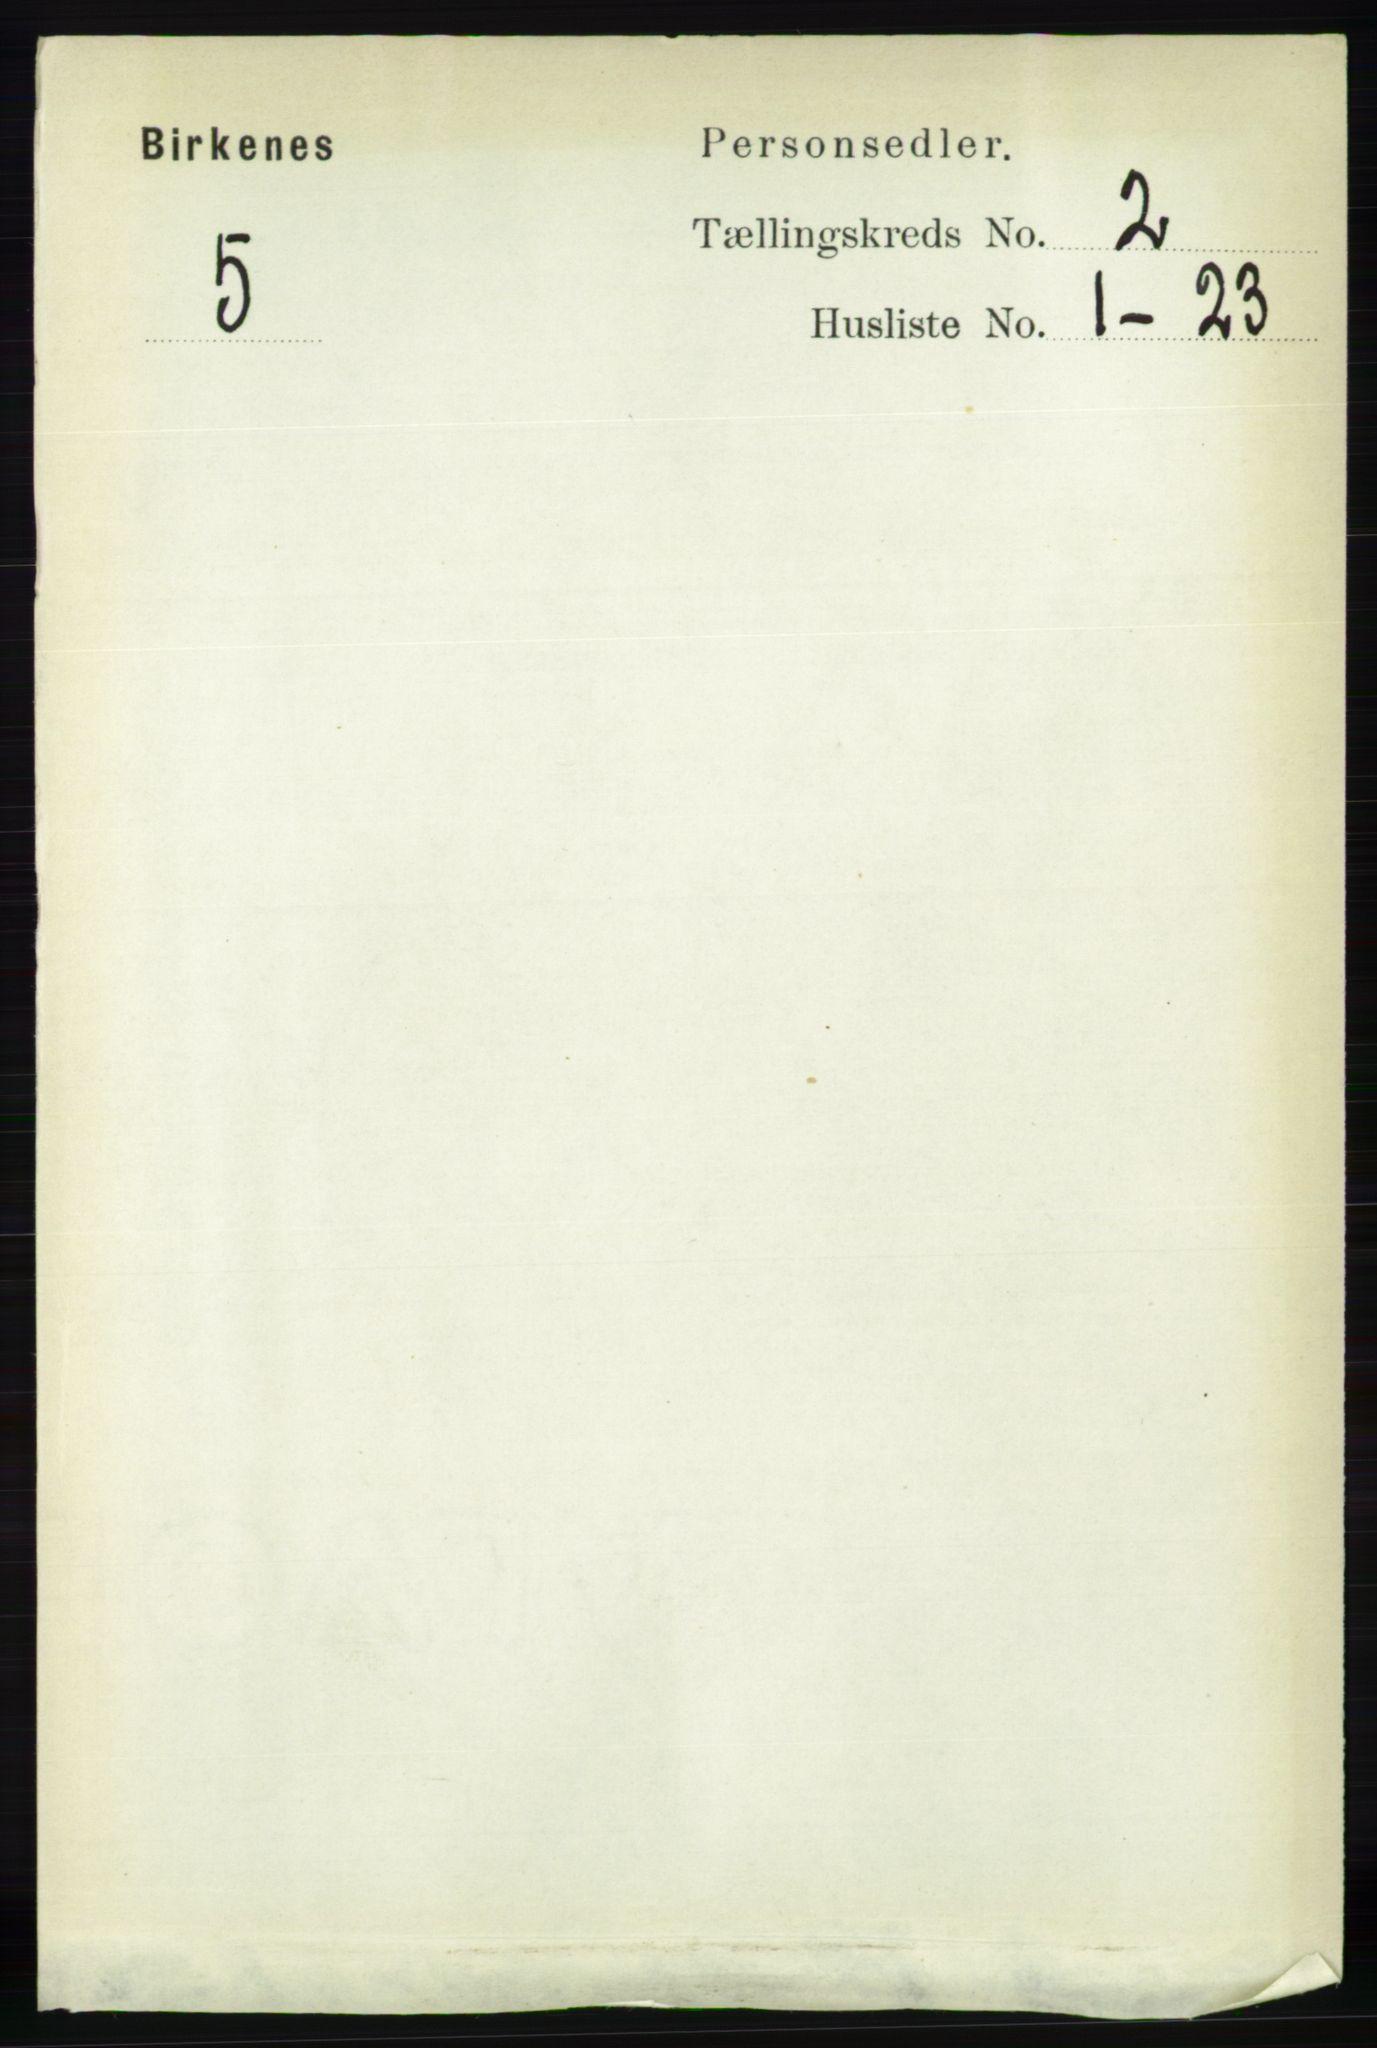 RA, Folketelling 1891 for 0928 Birkenes herred, 1891, s. 499